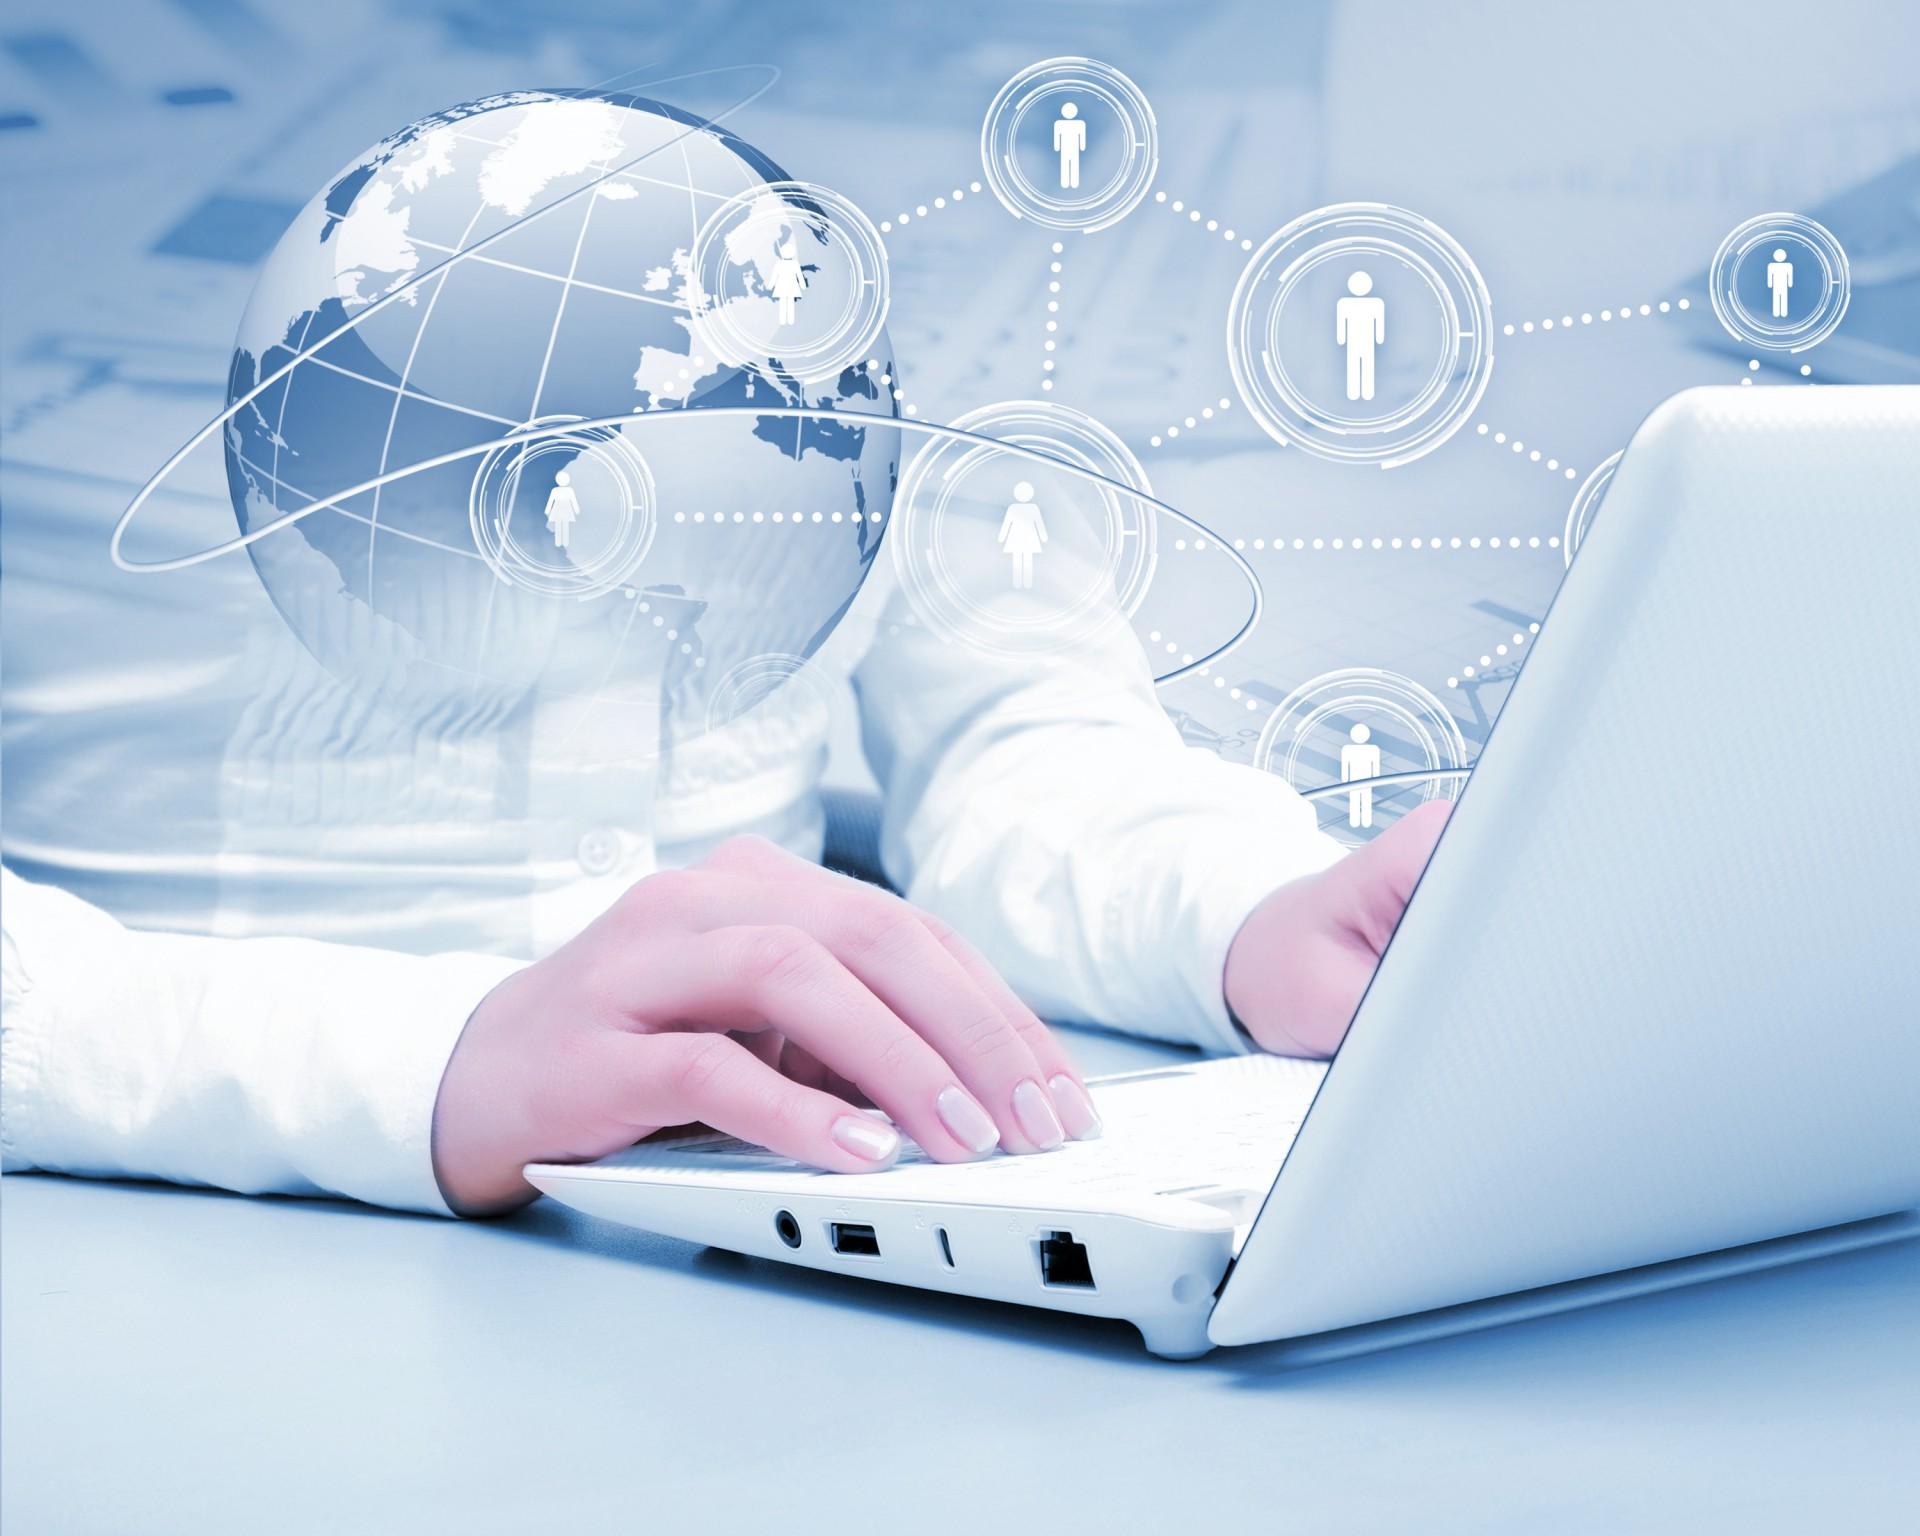 عکس-تکنولوژی-و-تجارت-(4)